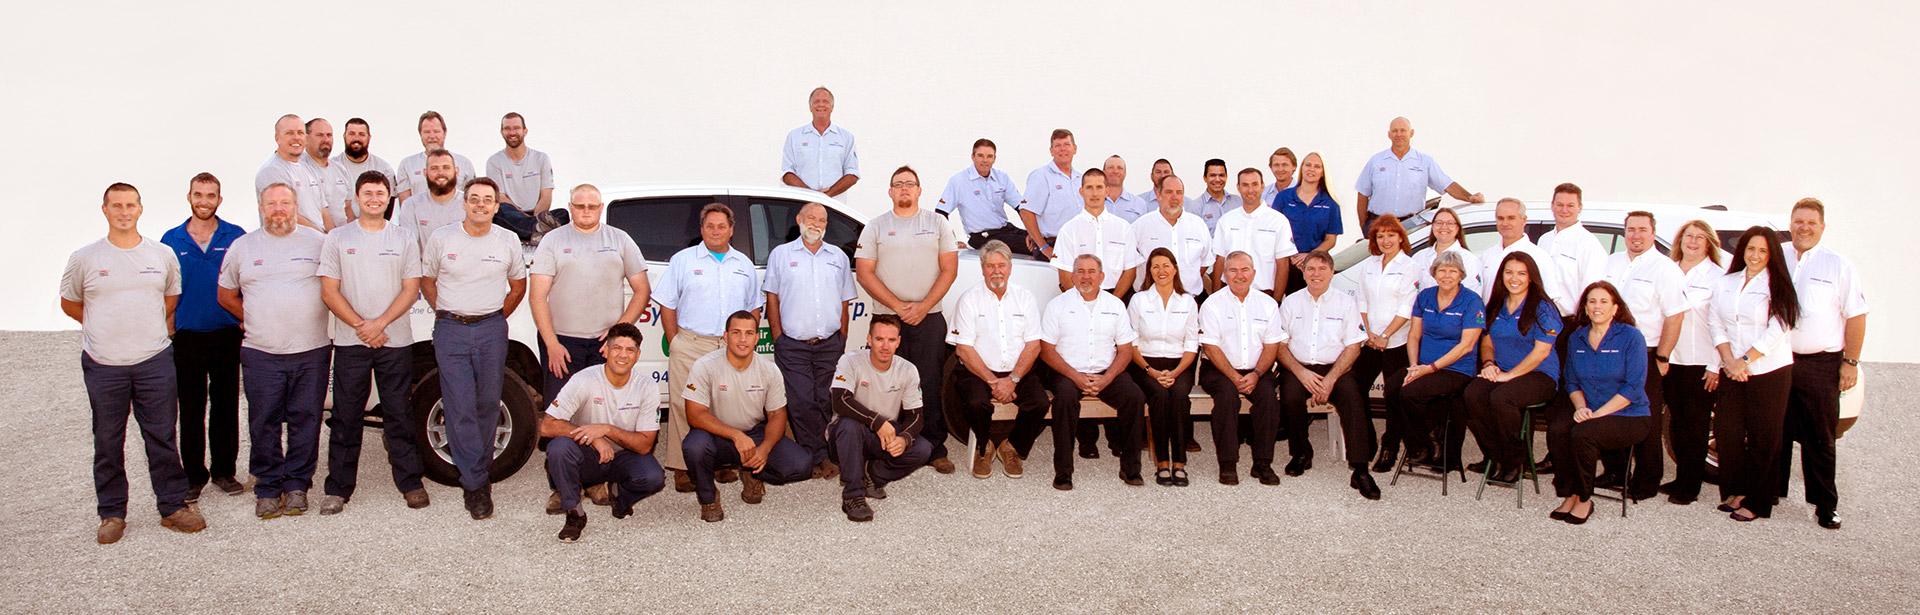 Symbiont Staff Photo